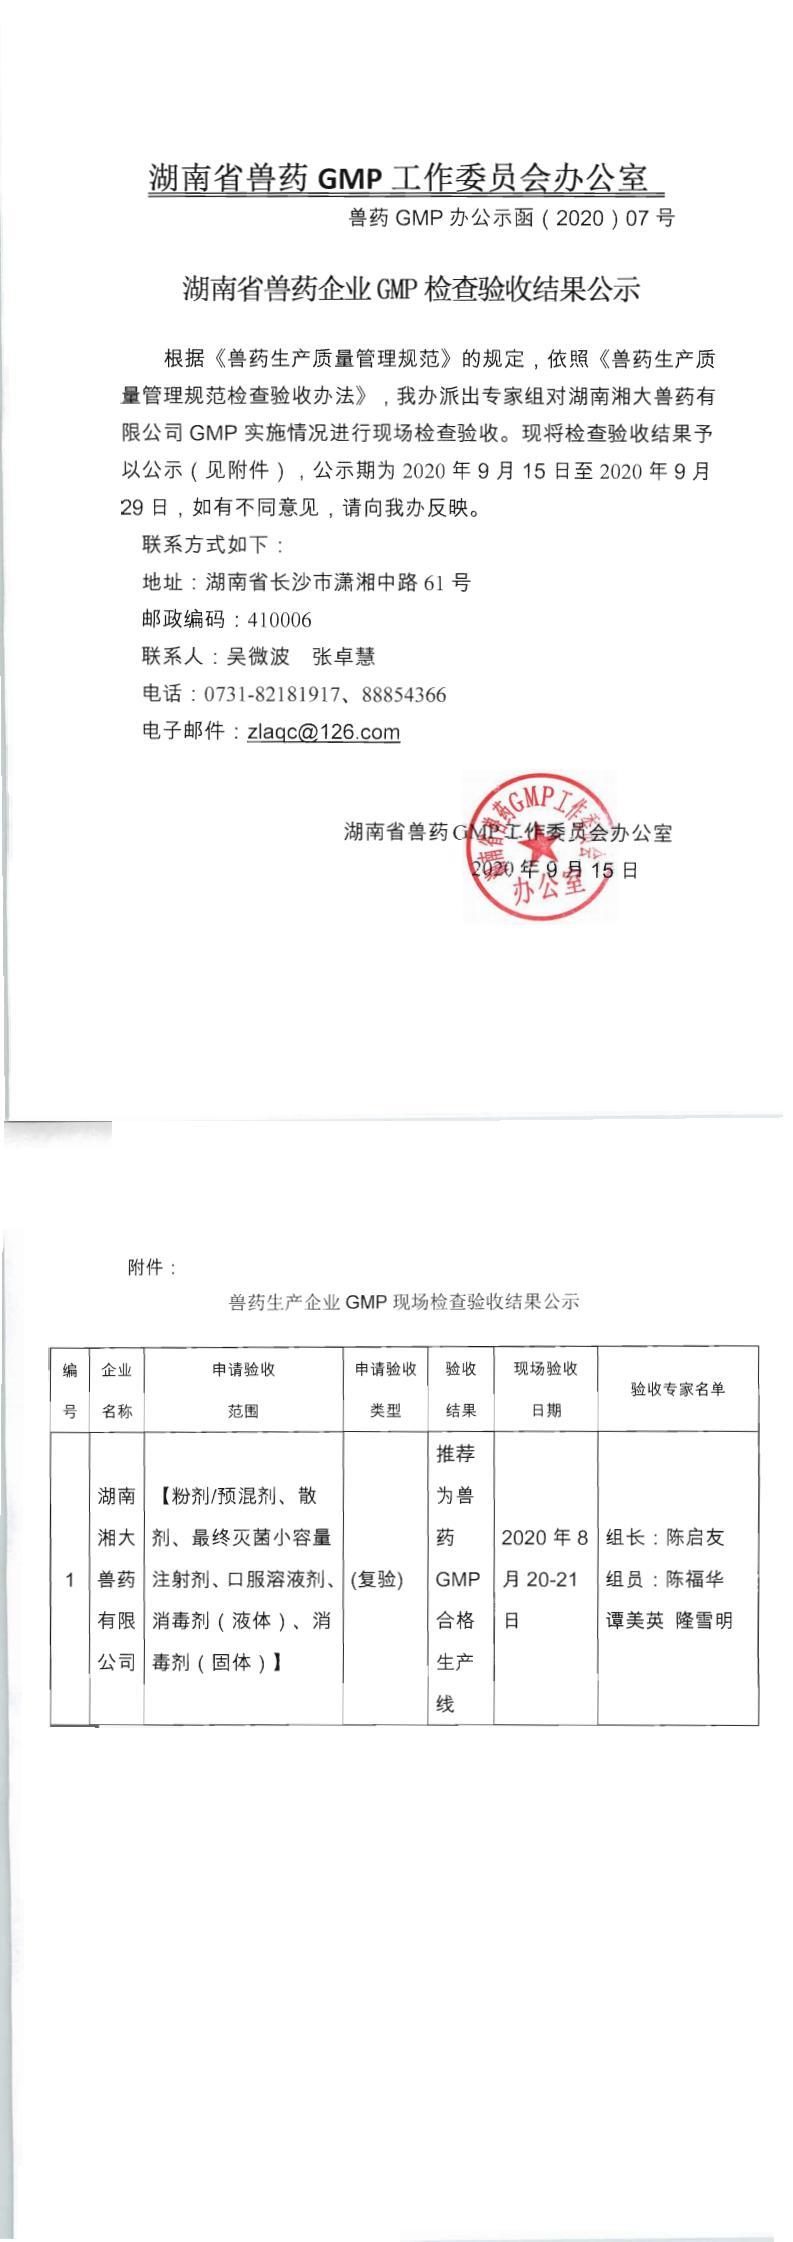 湖南省兽药企业GMP检查验收结果公示